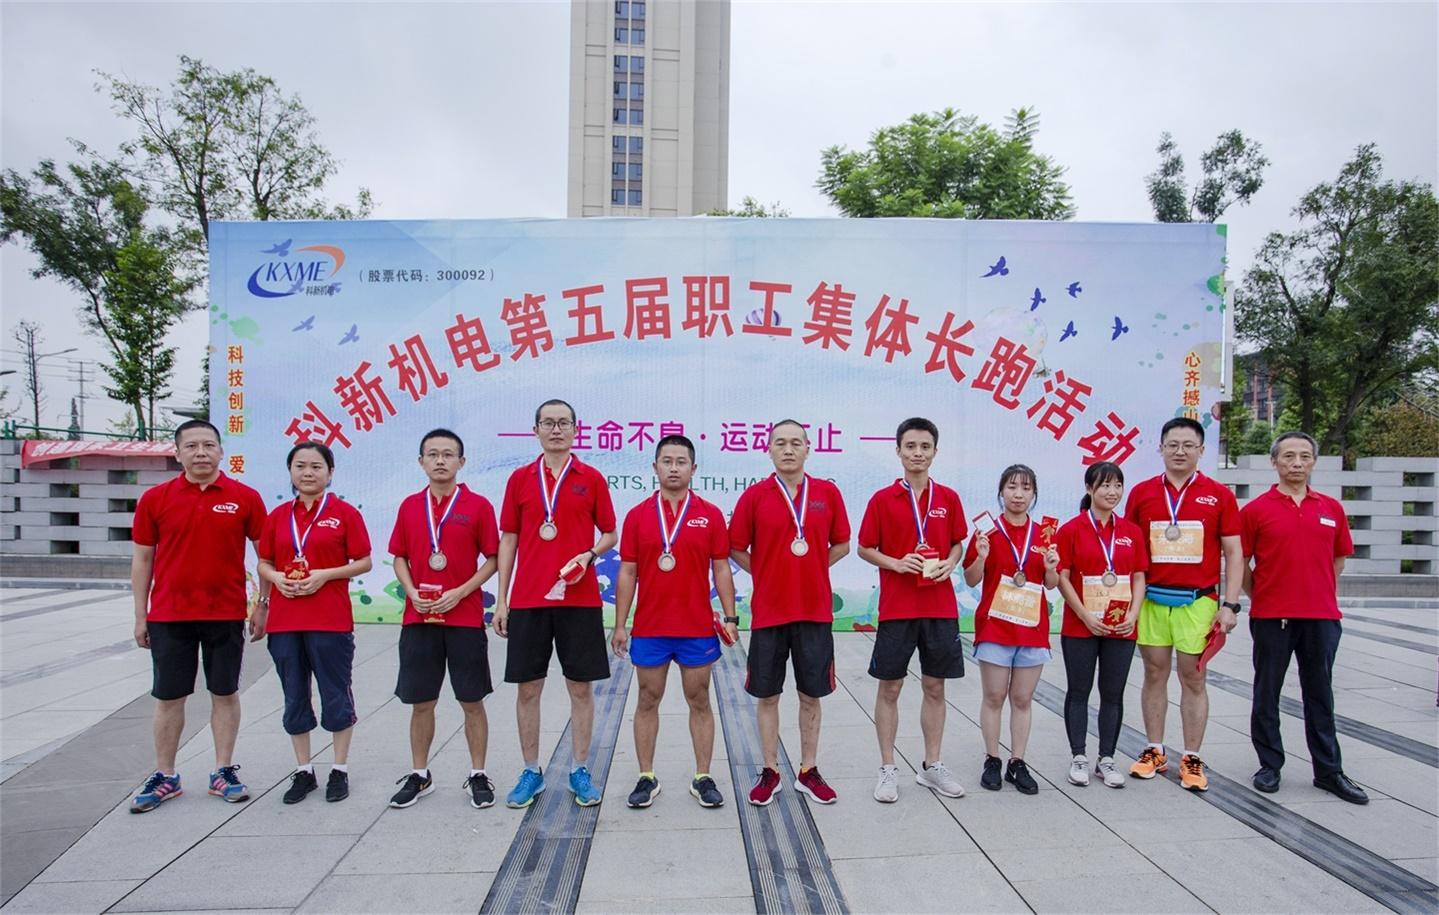 http://qiniu.cloudhong.com/image_2019-09-08_5d7511102237f.jpg